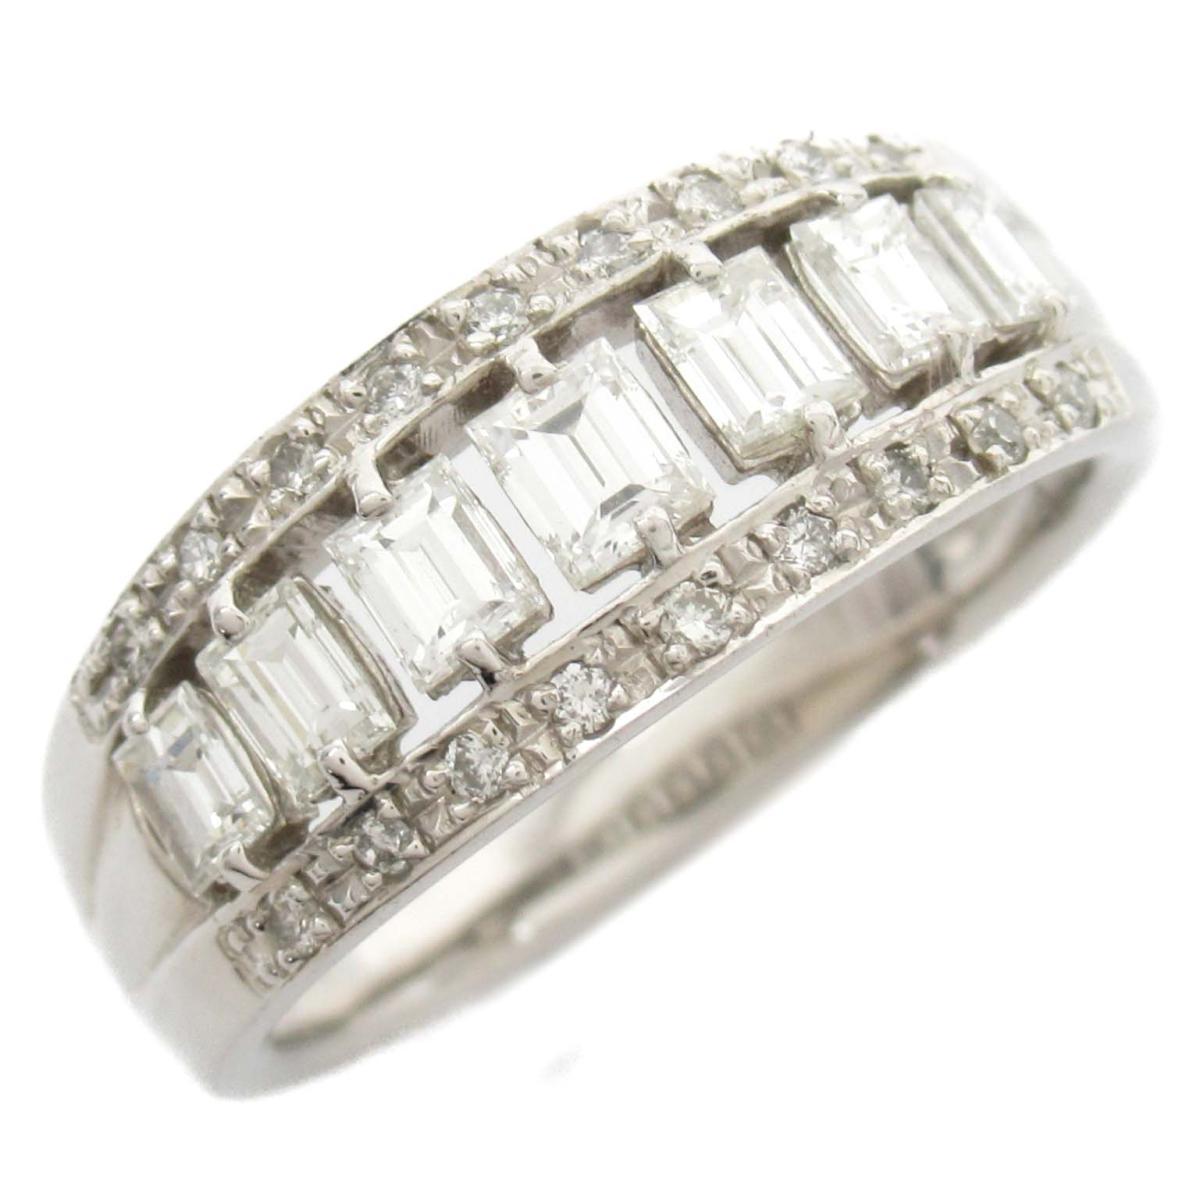 ジュエリー ダイヤモンド リング 指輪 ノーブランドジュエリー レディース PT900 プラチナ x ダイヤモンド0.82ct 【中古】 | JEWELRY BRANDOFF ブランドオフ アクセサリー